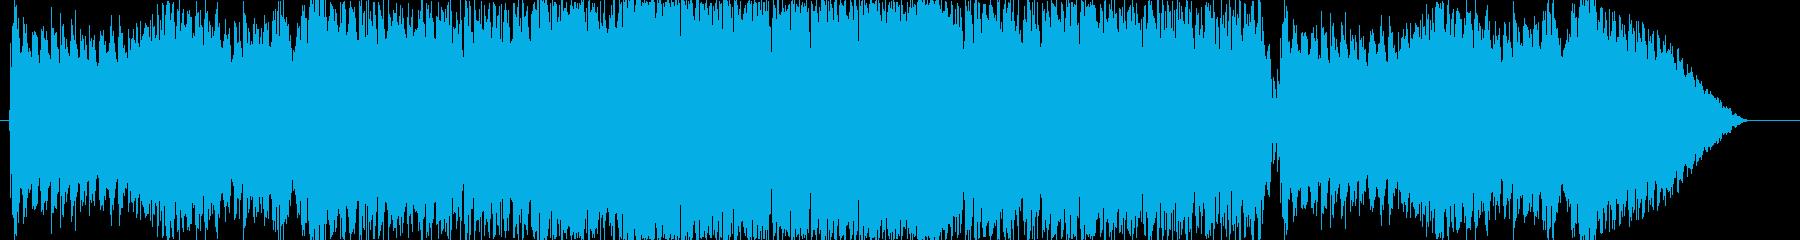 疾走感ある和風ロックの再生済みの波形